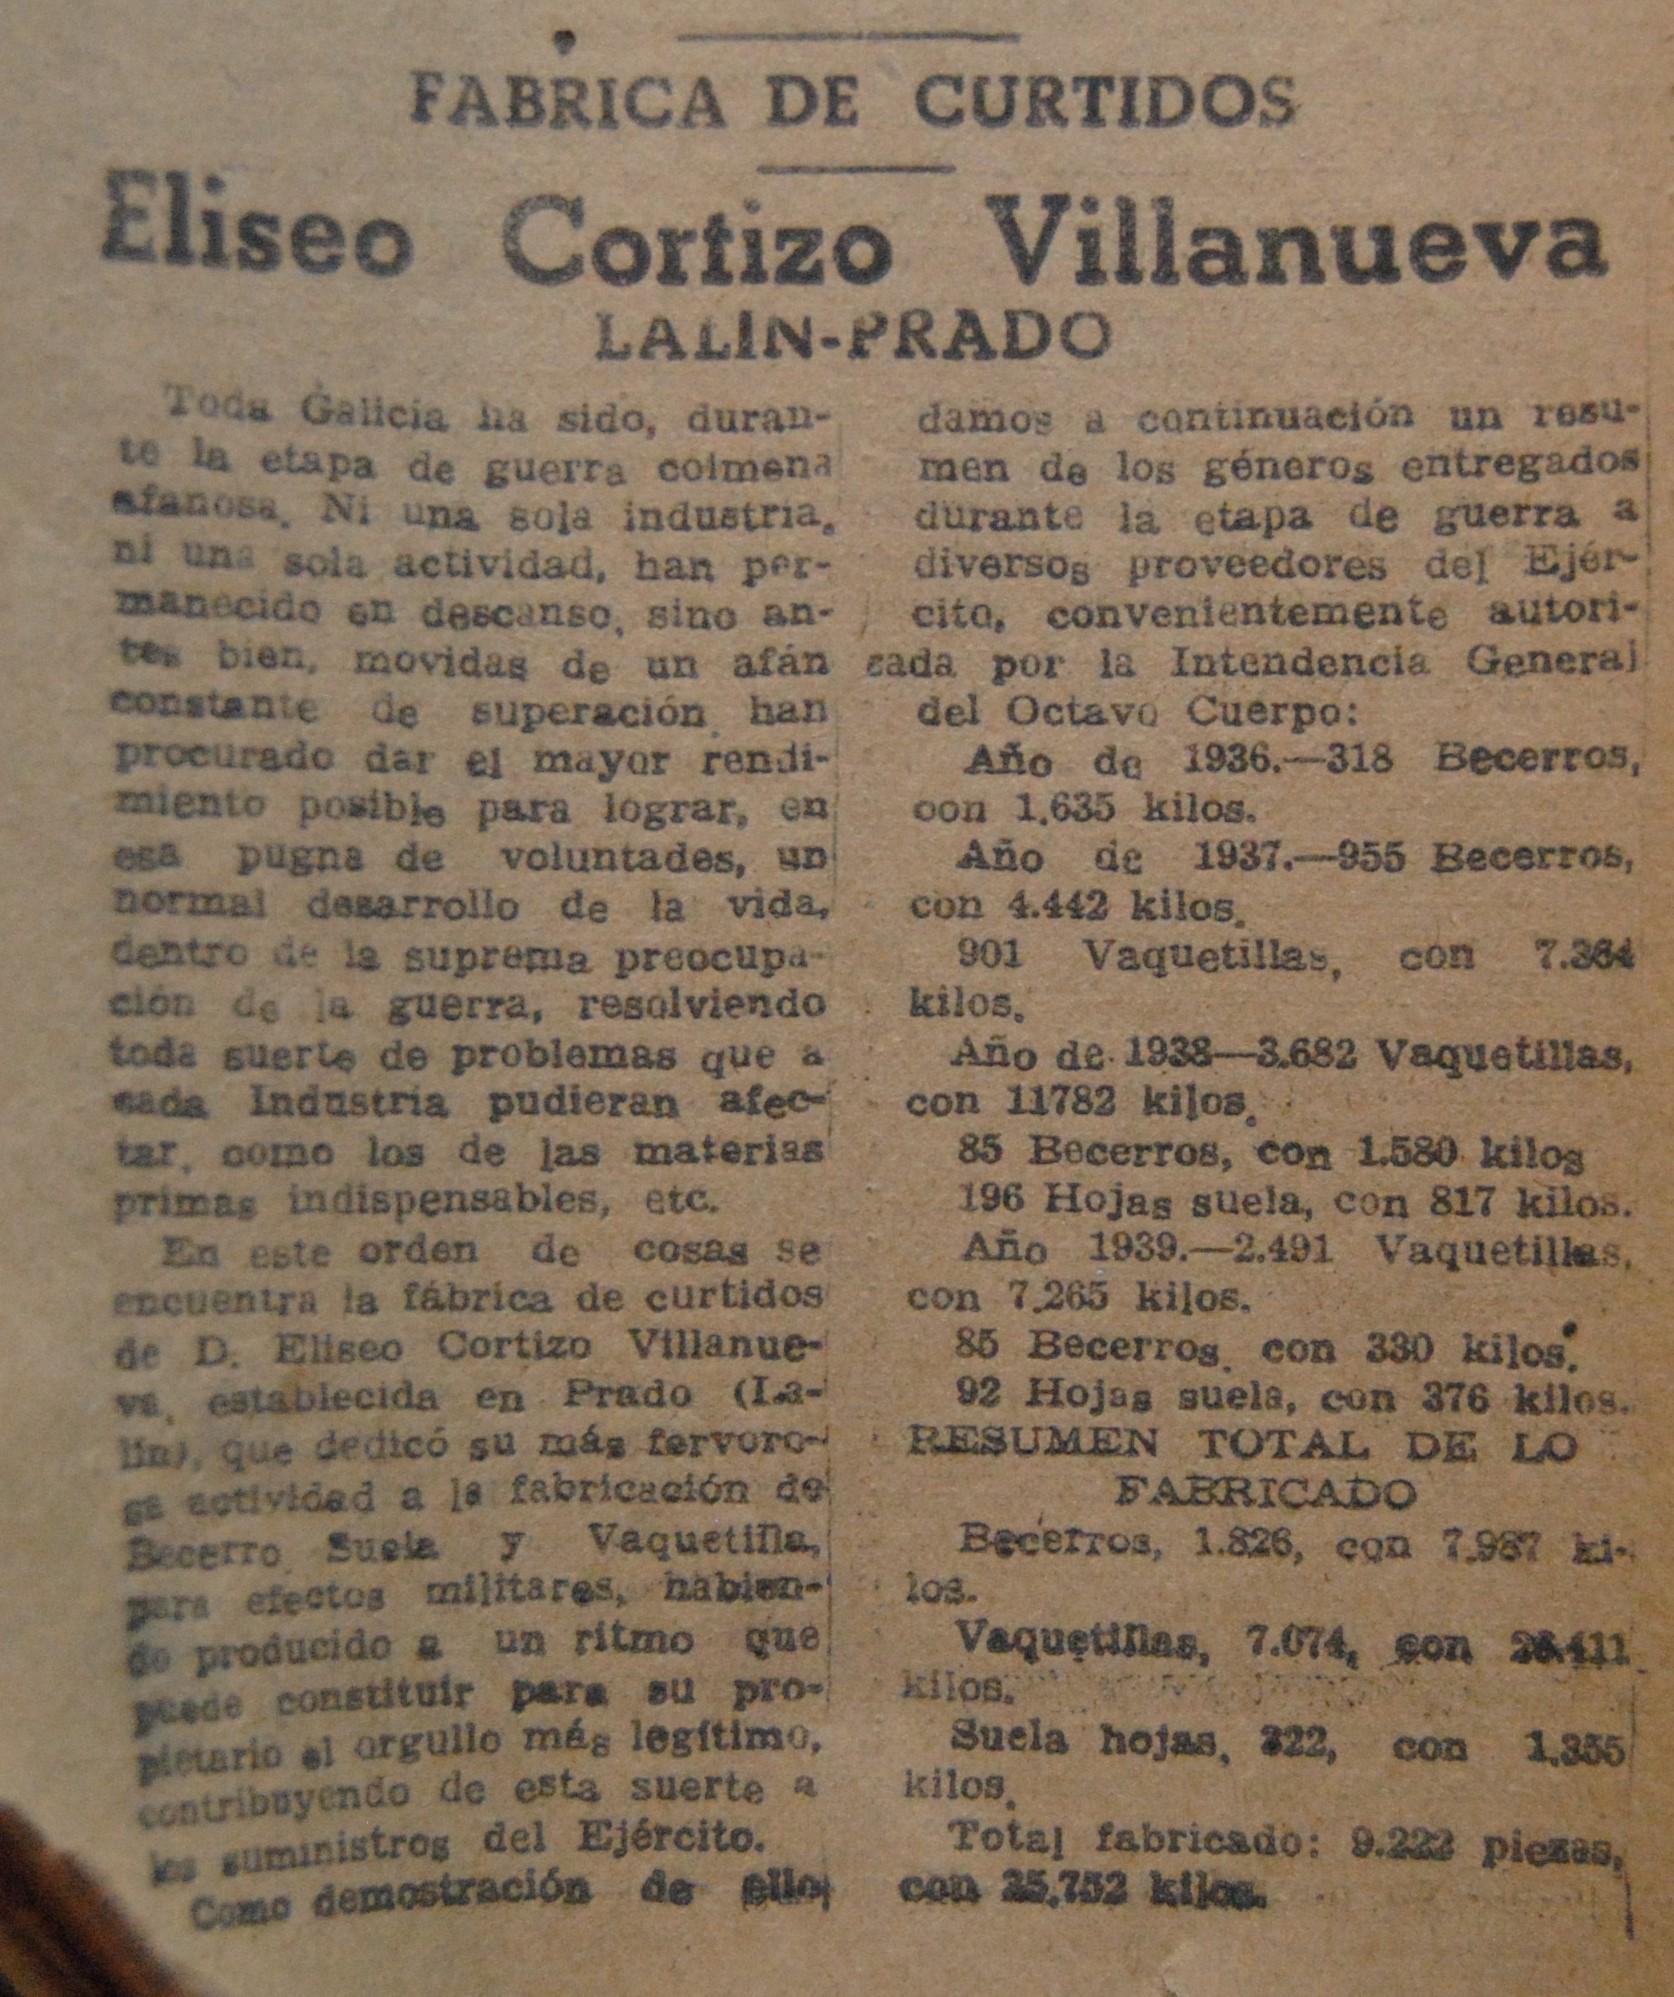 """Curtidos """"Eliseo Cortizo Villanueva"""""""